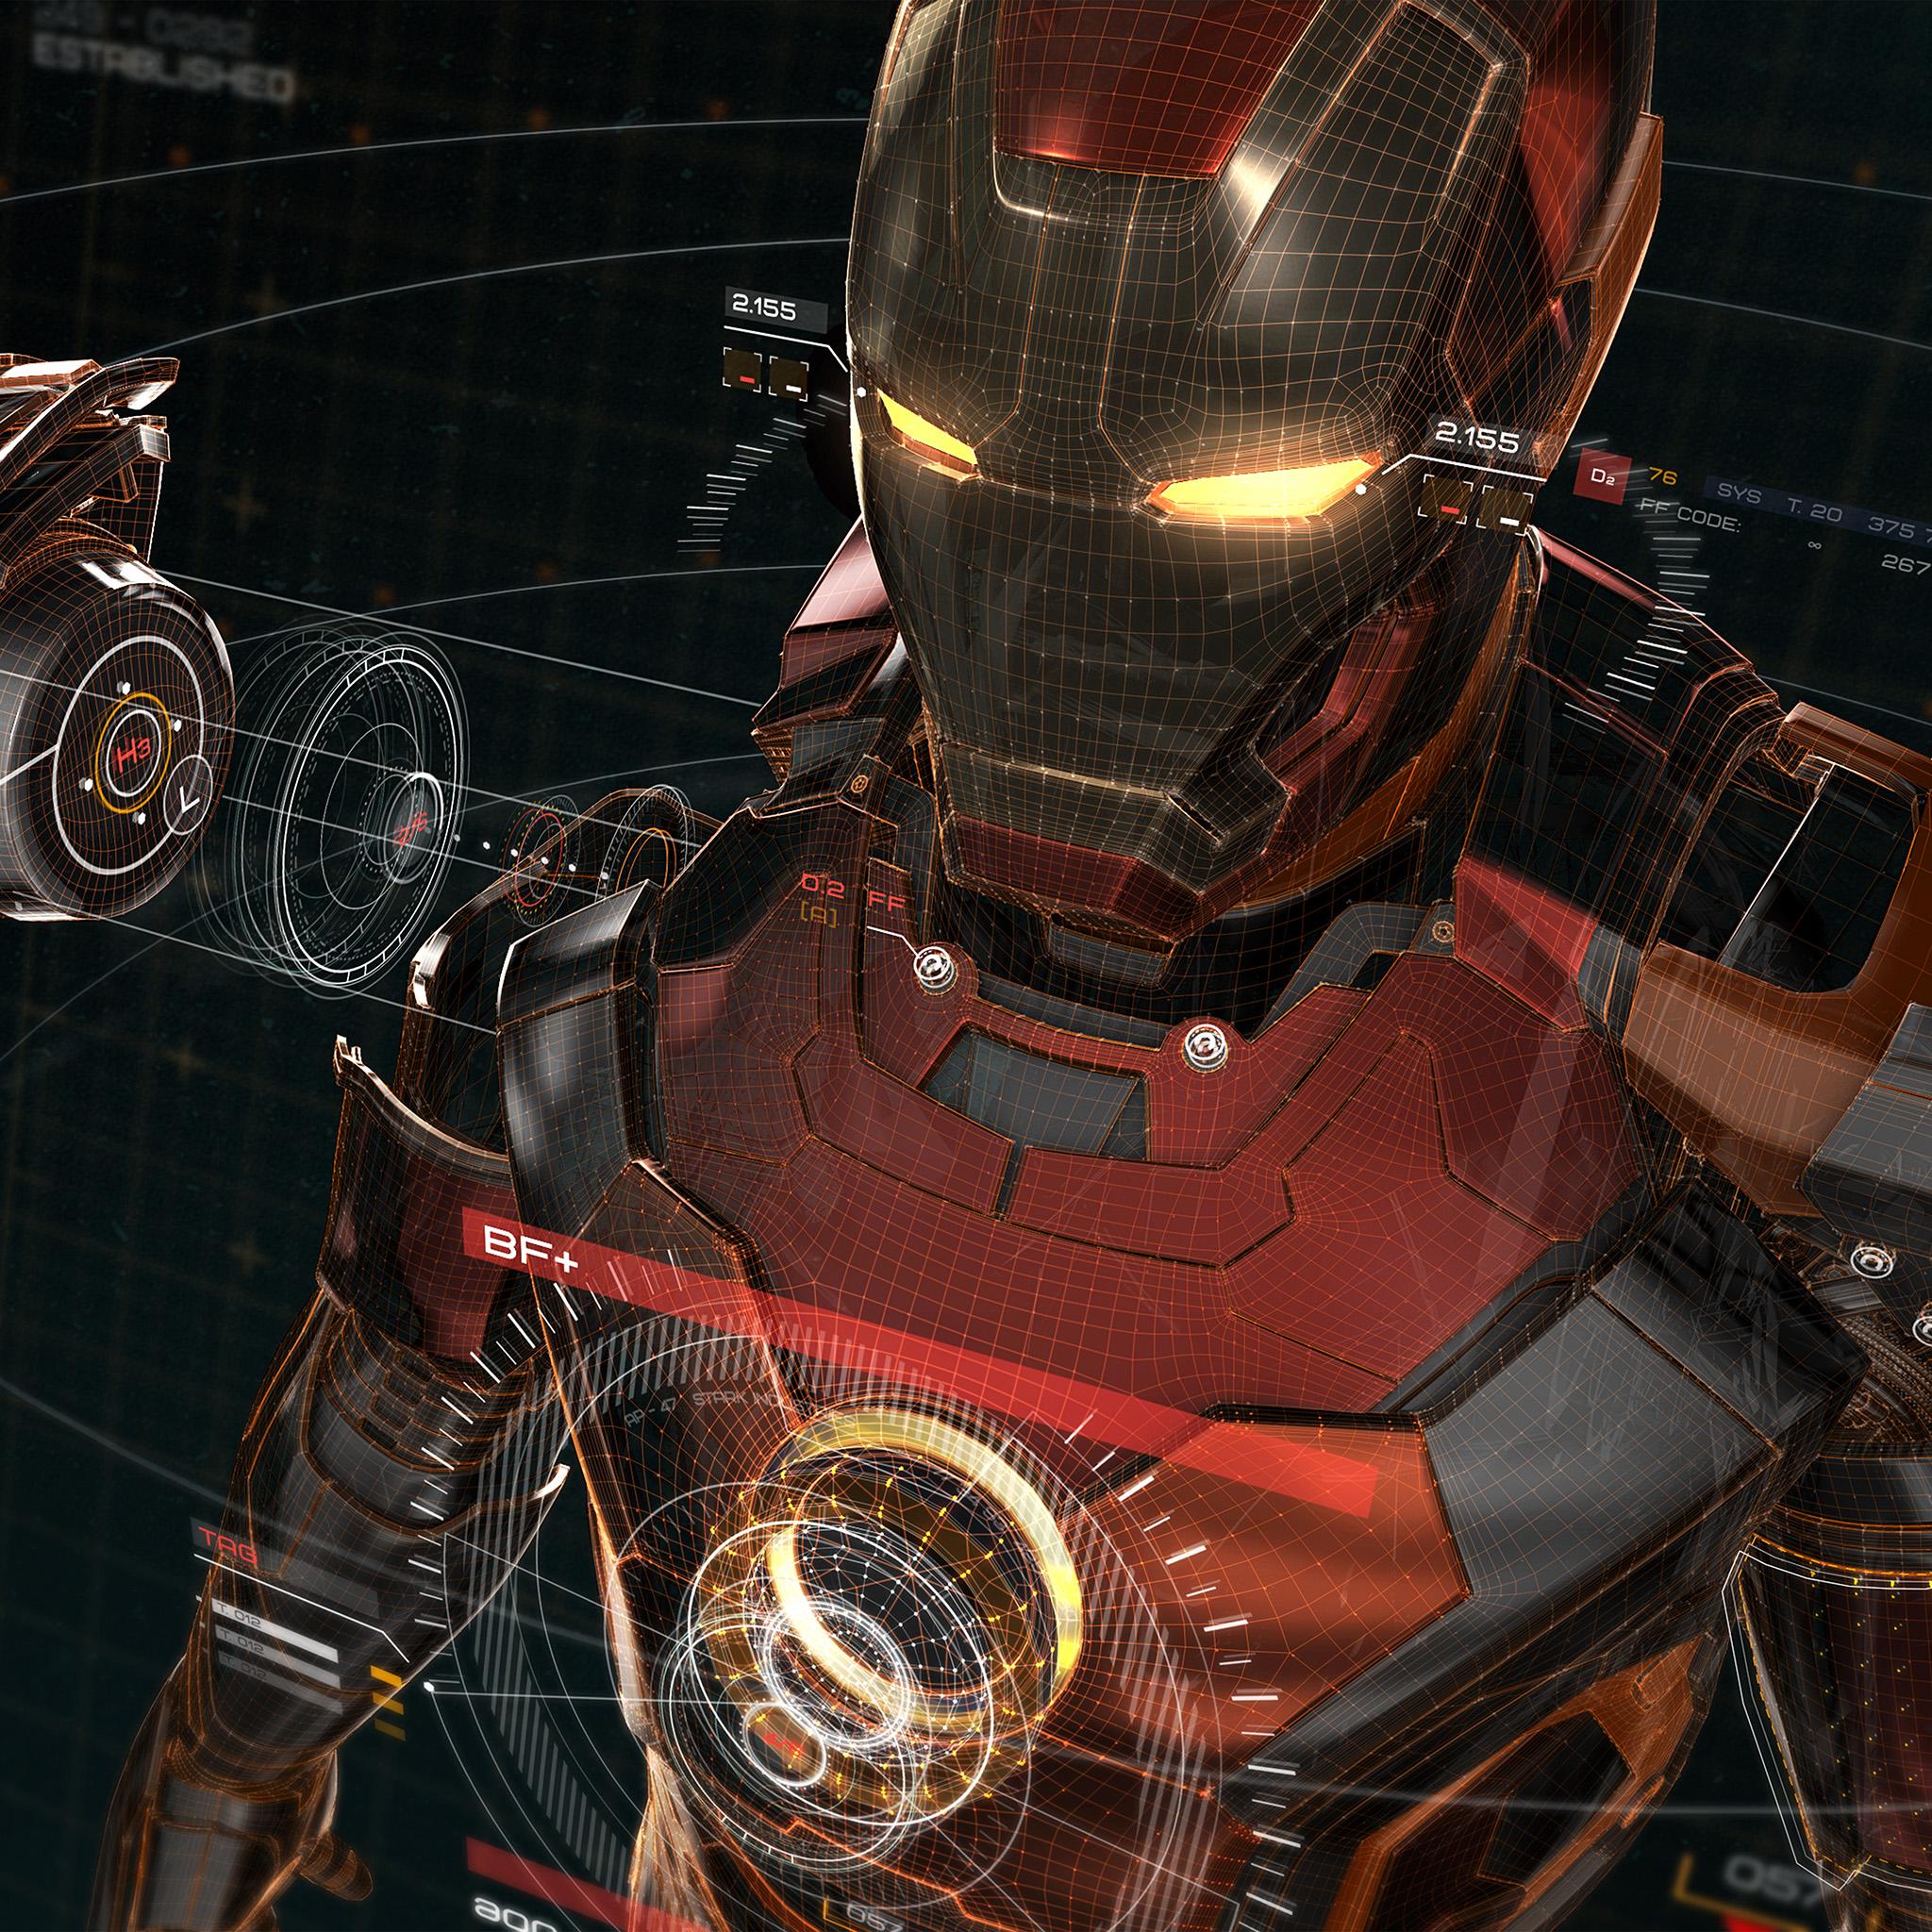 Apple Wallpaper: Aq05-ironman-3d-red-game-avengers-art-illustration-hero